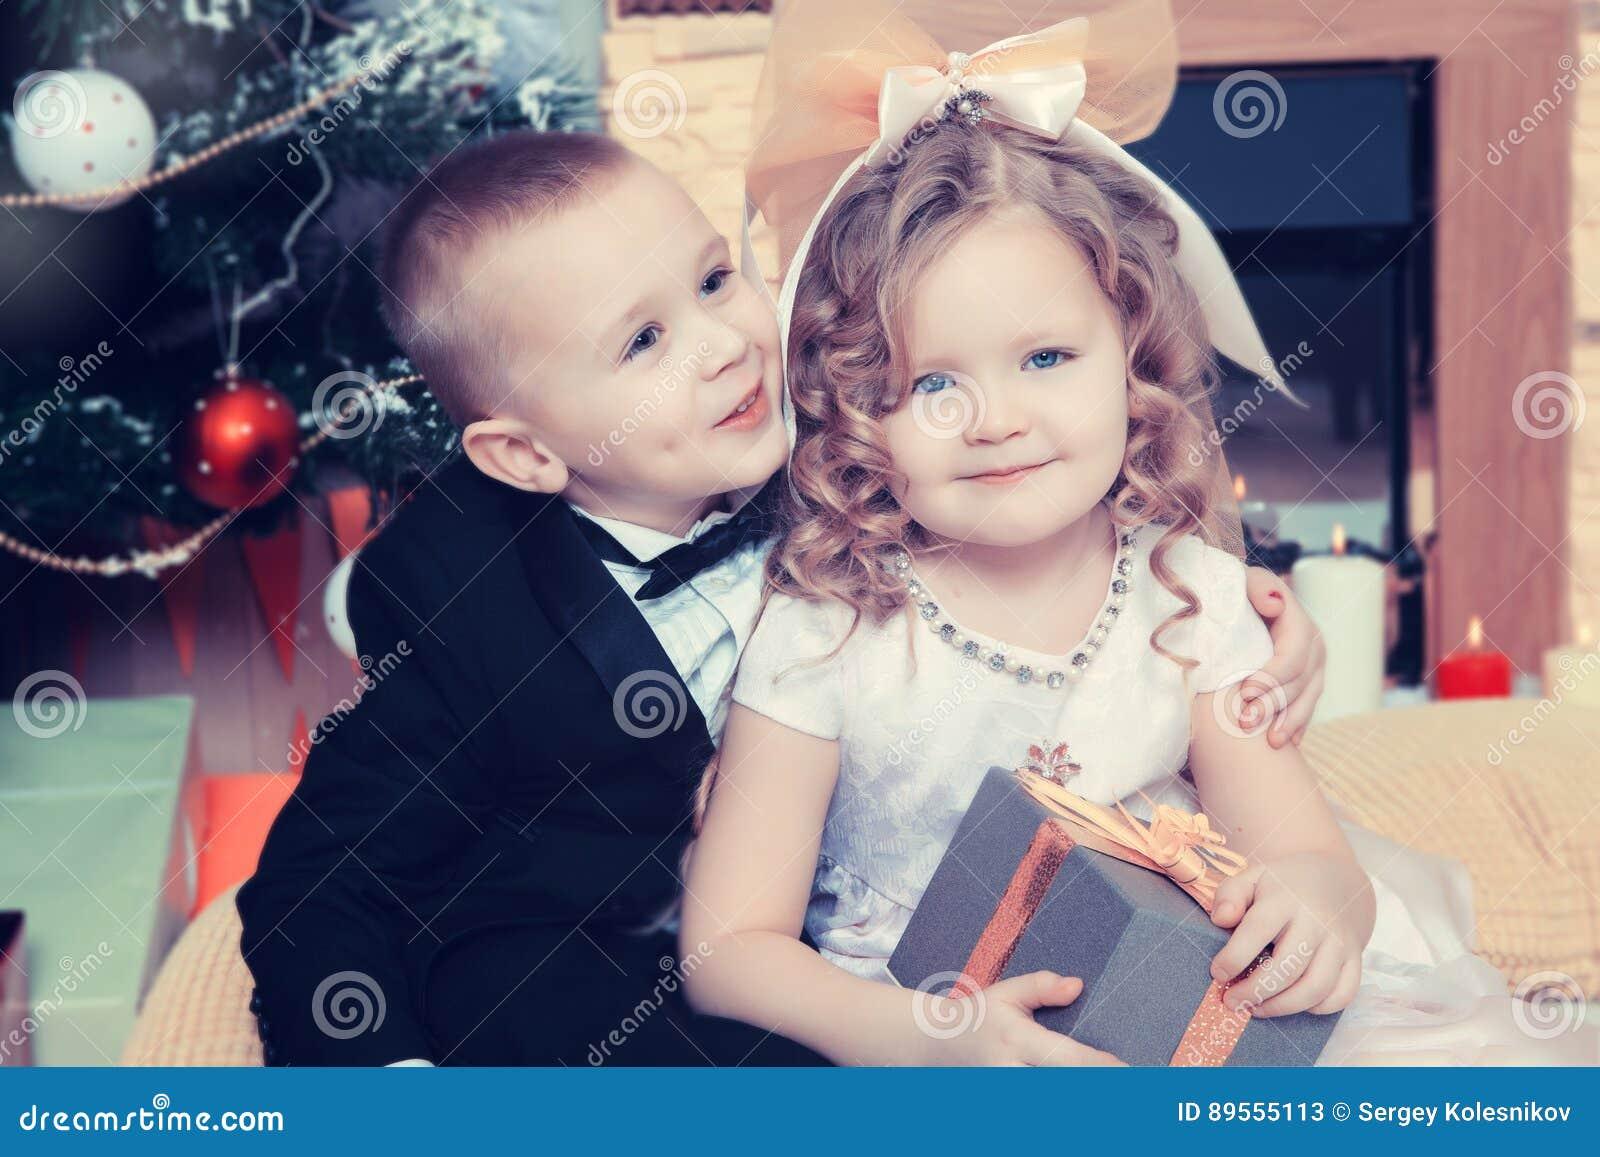 Мальчик и девушка с подарками около рождественской елки